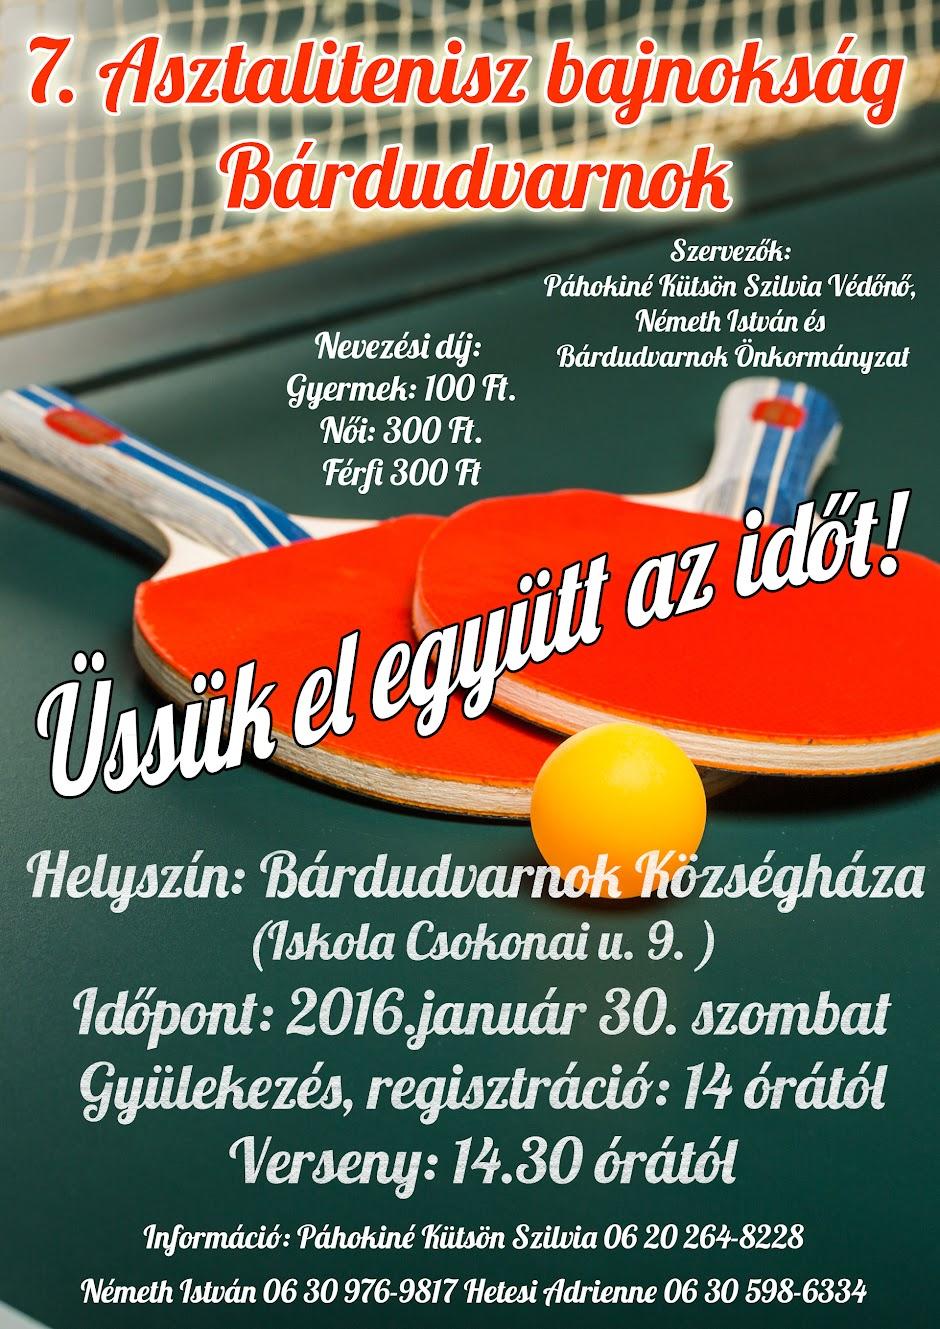 7. Asztalitenisz bajnokság Bárdudvarnok 2016